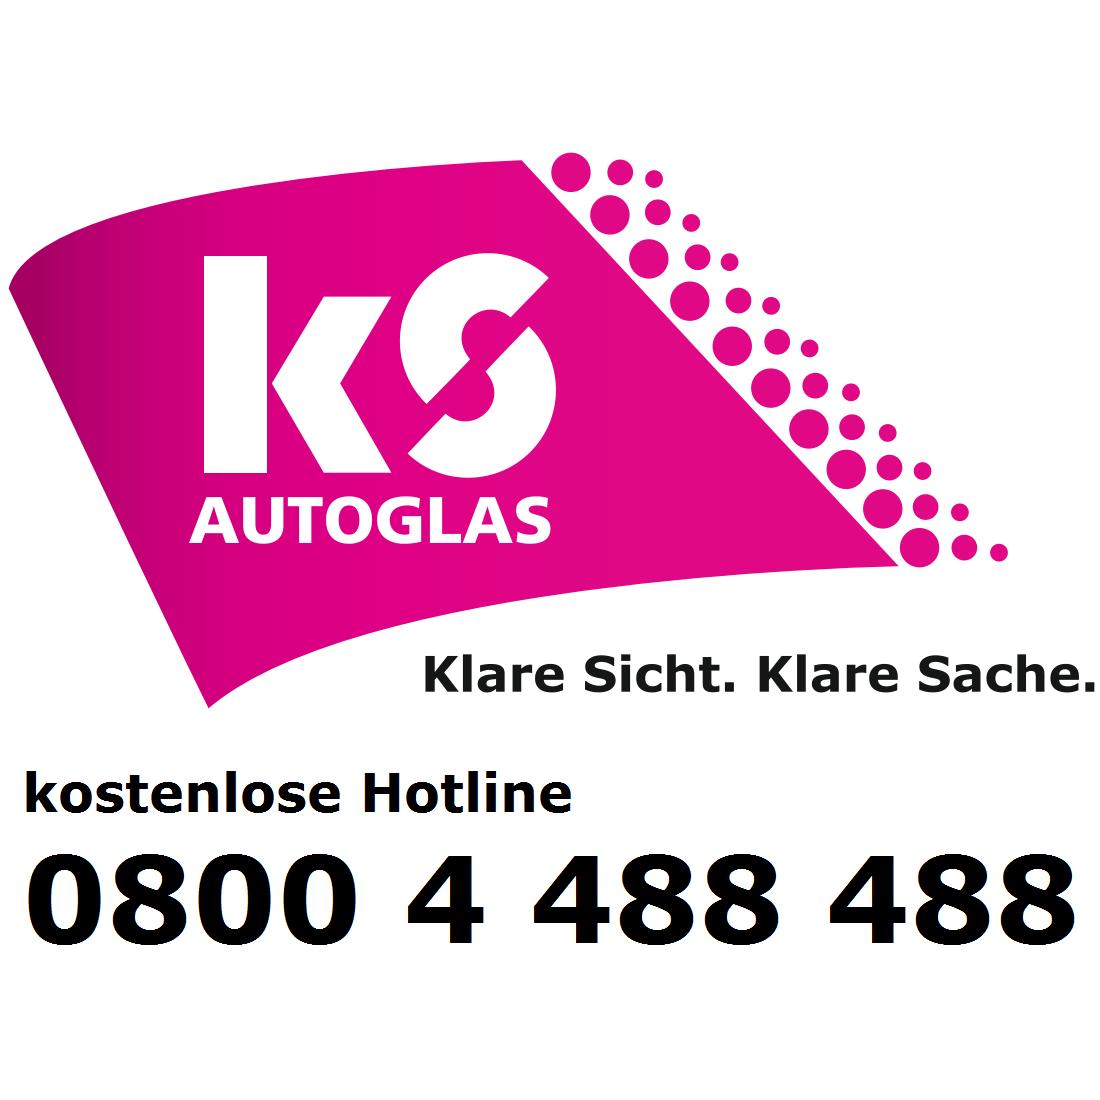 KS AUTOGLAS ZENTRUM Leipzig